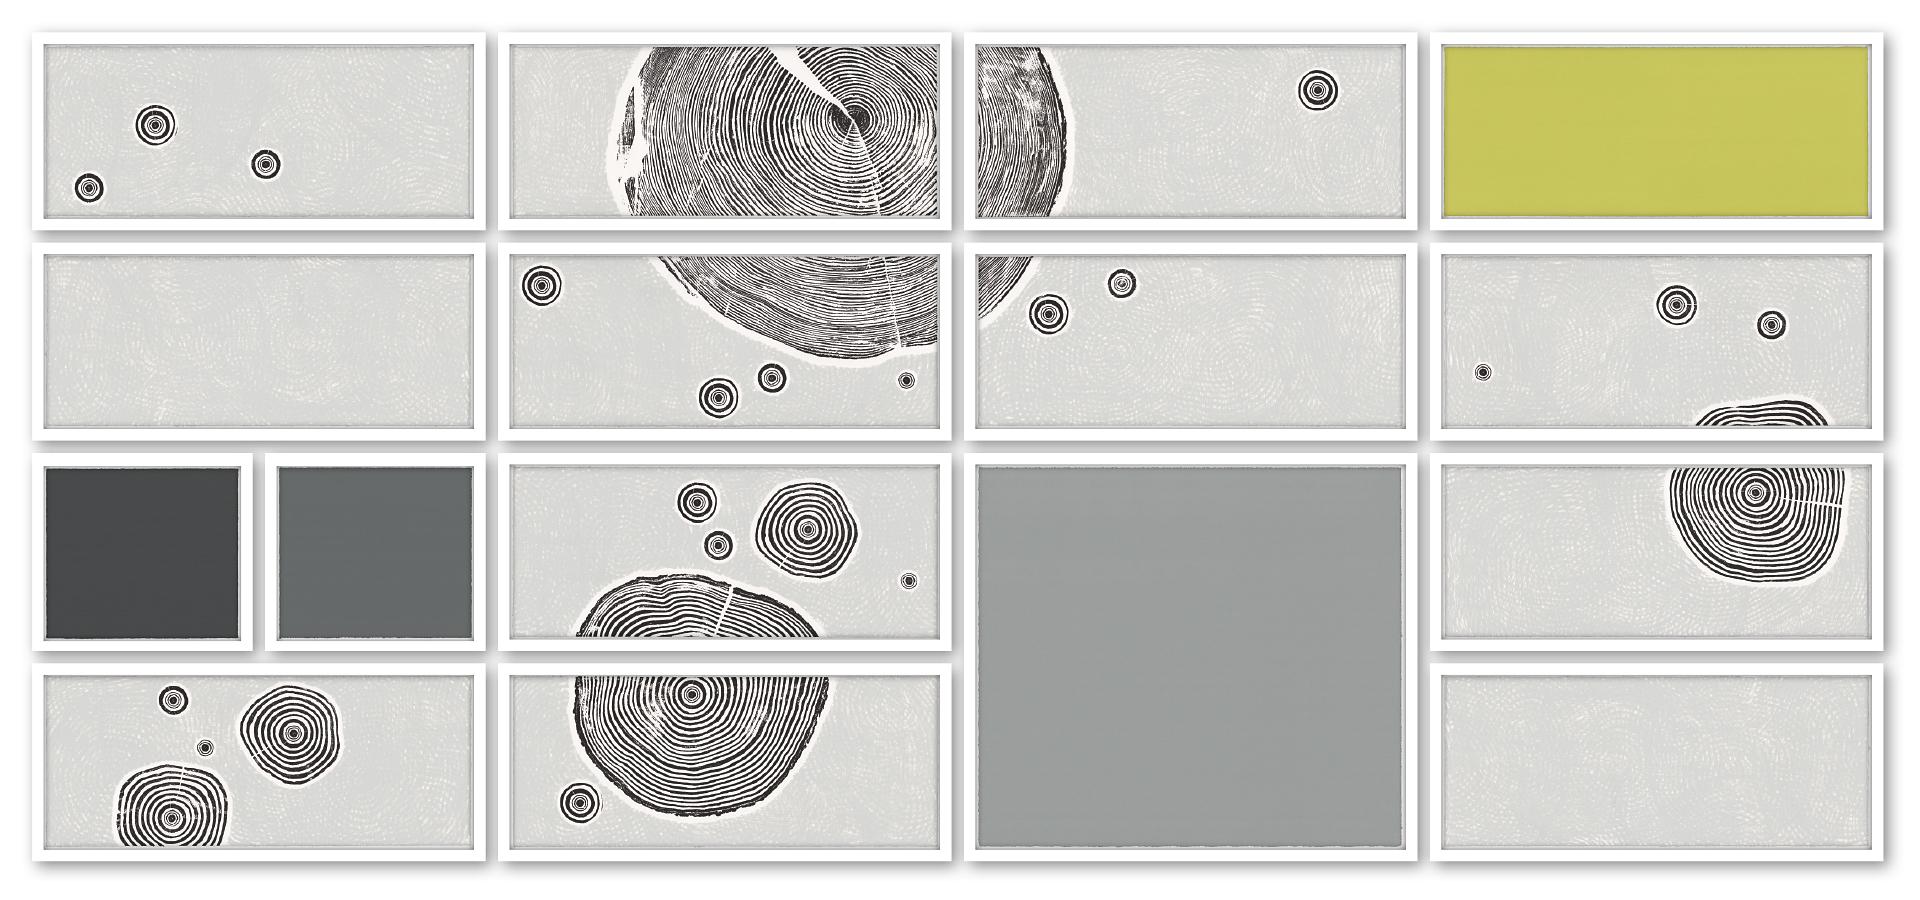 FELD UND WALD II | Unikat | 16-teilig | Handabzug von Baumscheiben / Monotypie | 114 x 254 cm [gerahmt] | 2020